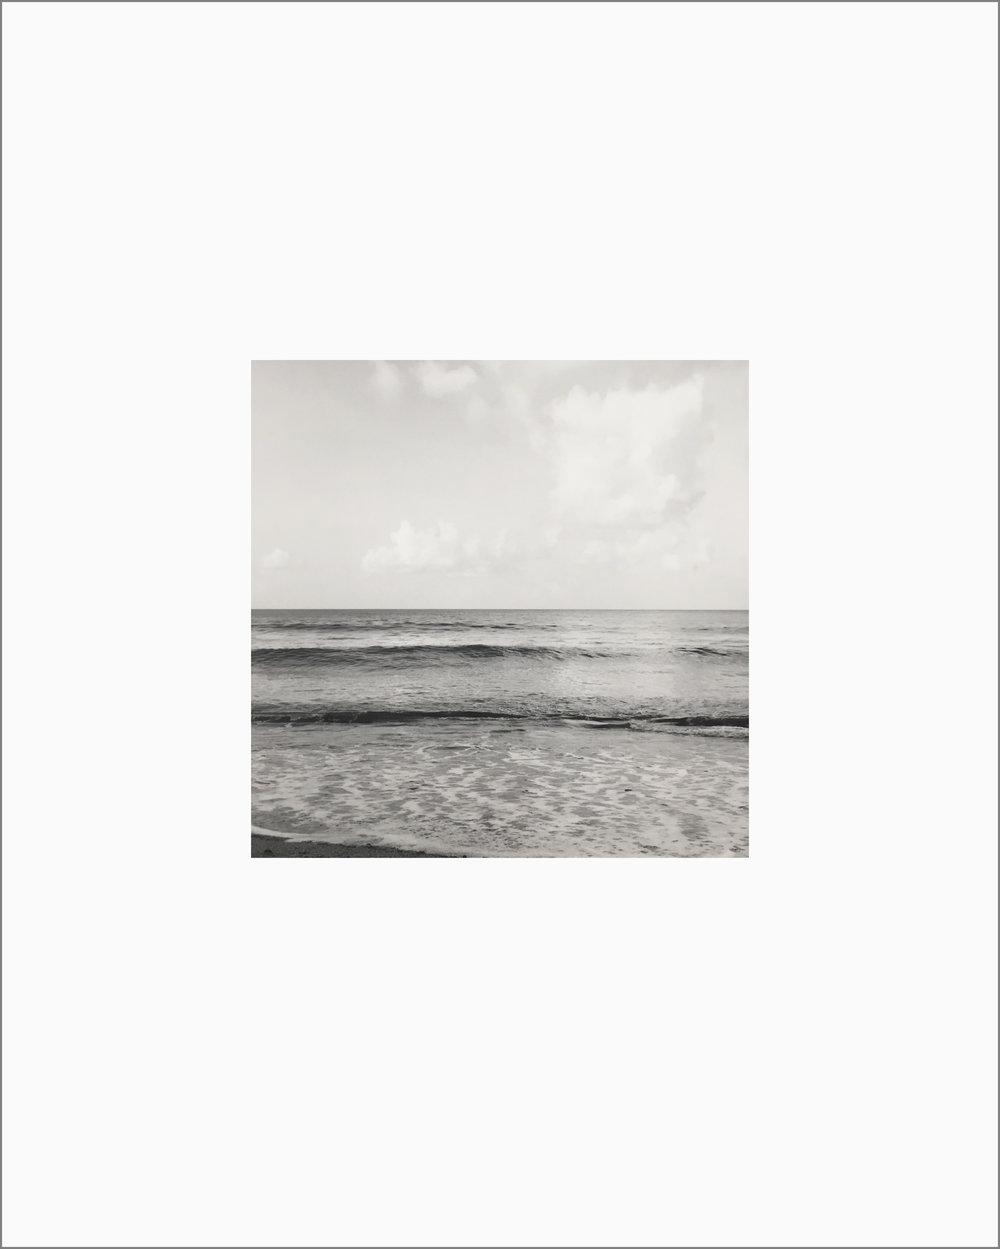 Mikael Levin Untitled 2001 Gelatin silver print. 20 5/8 x 16 6/8 x 1 3/8 inch (framed) Ed 1/5 (2001096)